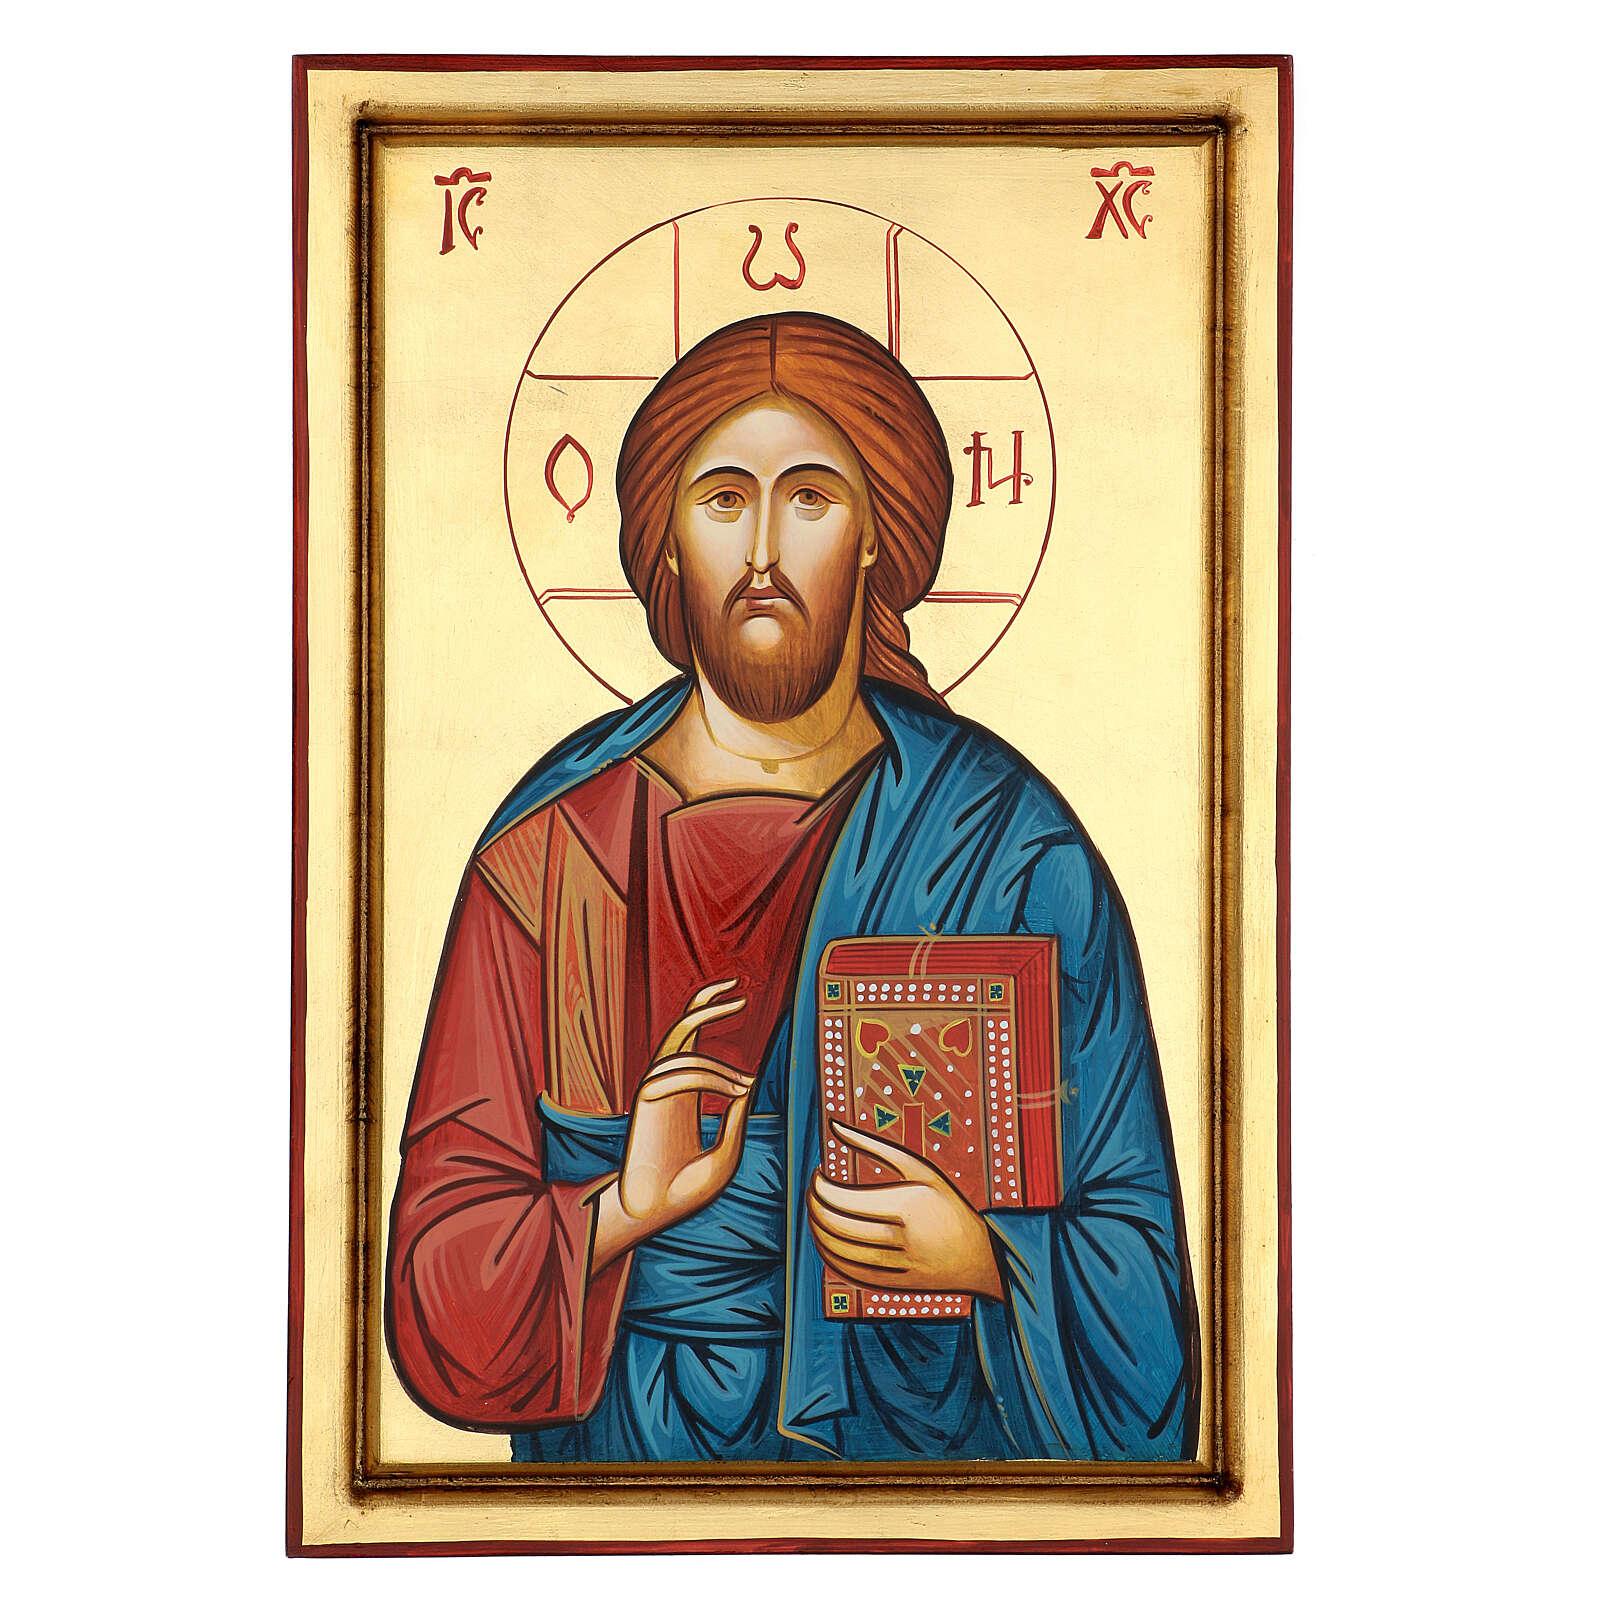 Icono Jesús Pantocrátor Rumanía 60x40 cm pintado borde ahuecado 4